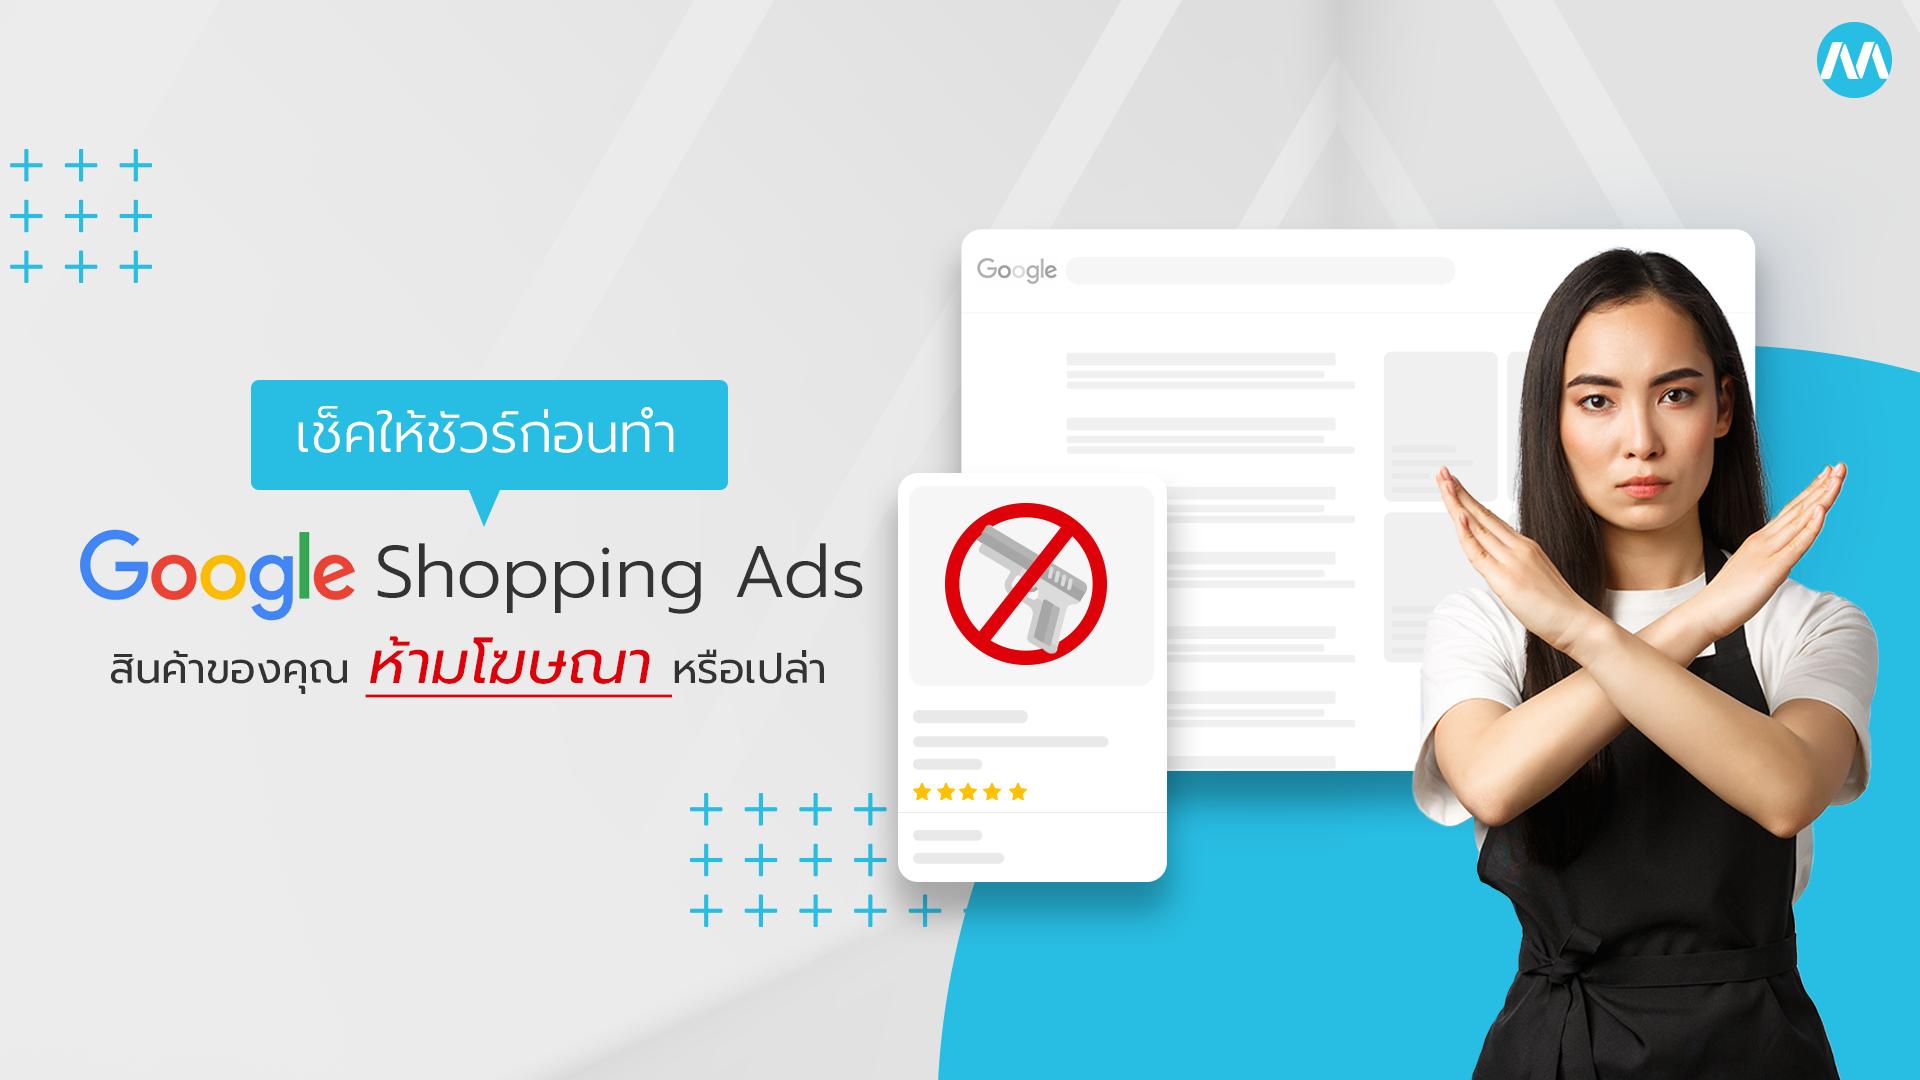 นโยบาย google shopping ads